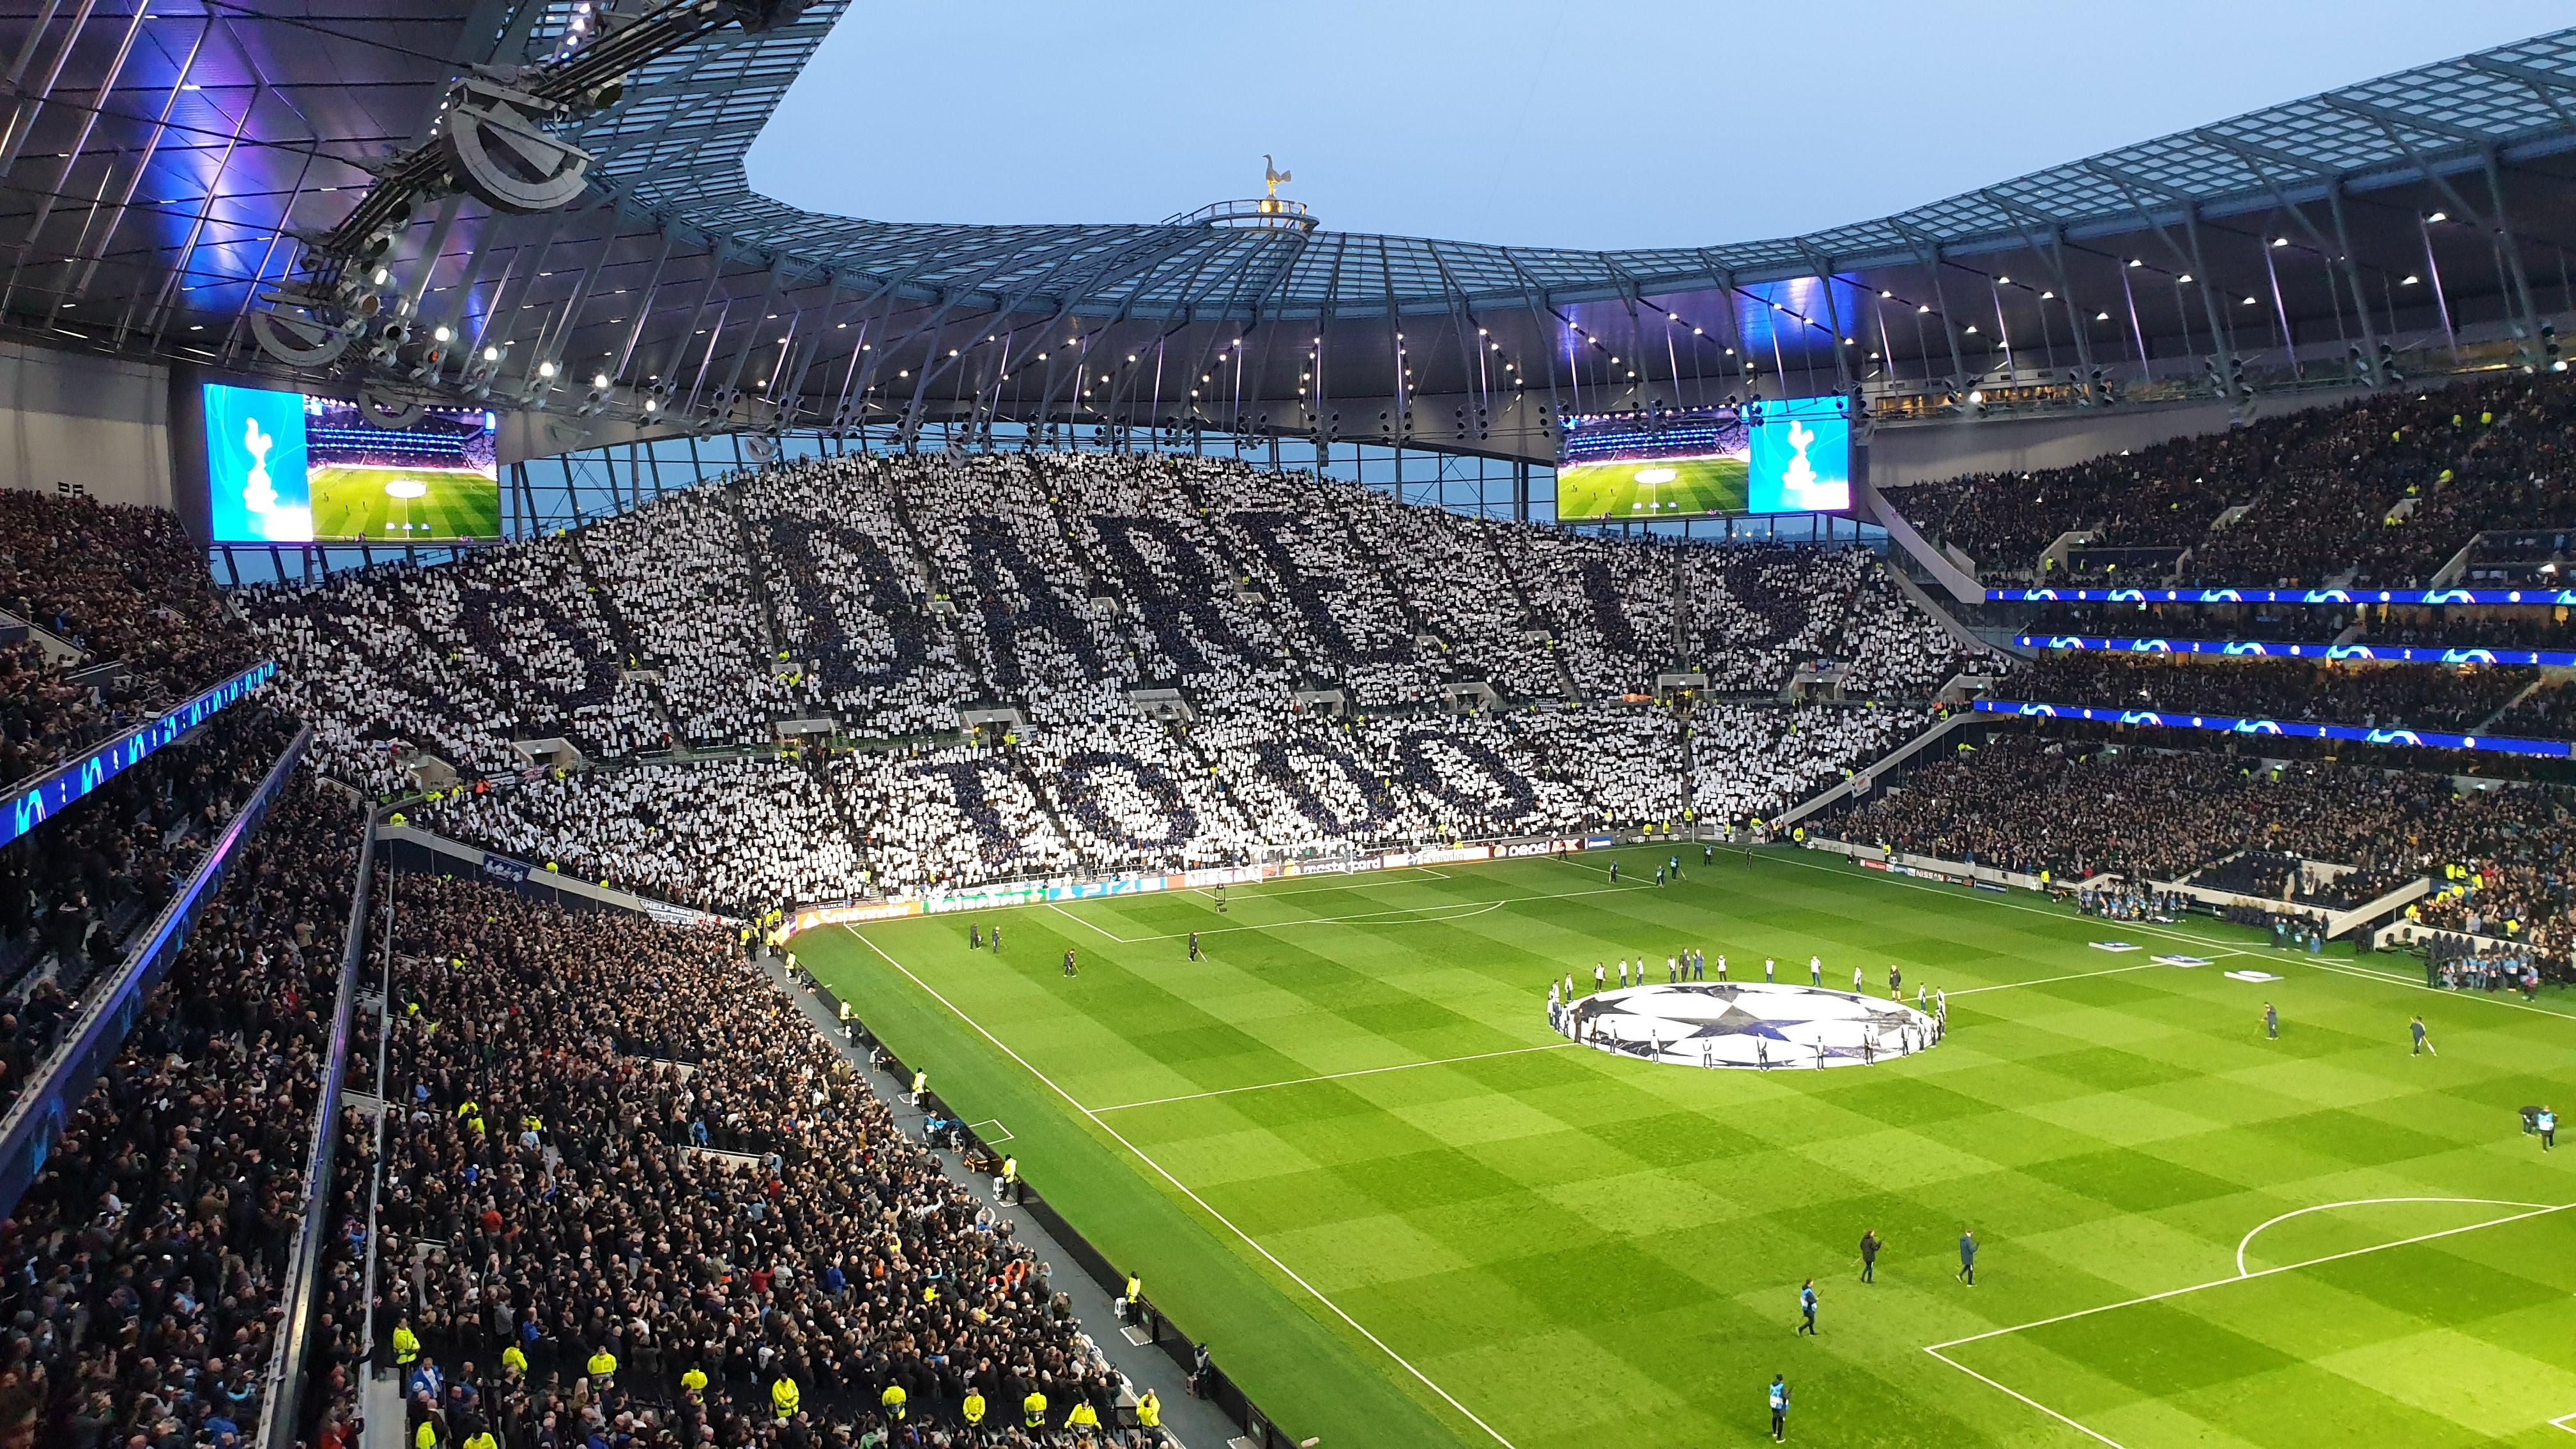 Image of Tottenham Hotspur stadium